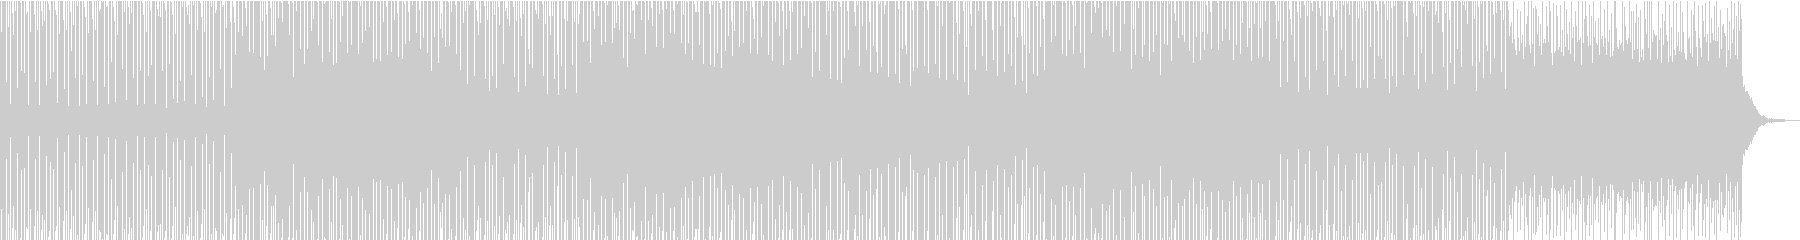 ハウス ダンス プログレッシブ テ...の未再生の波形